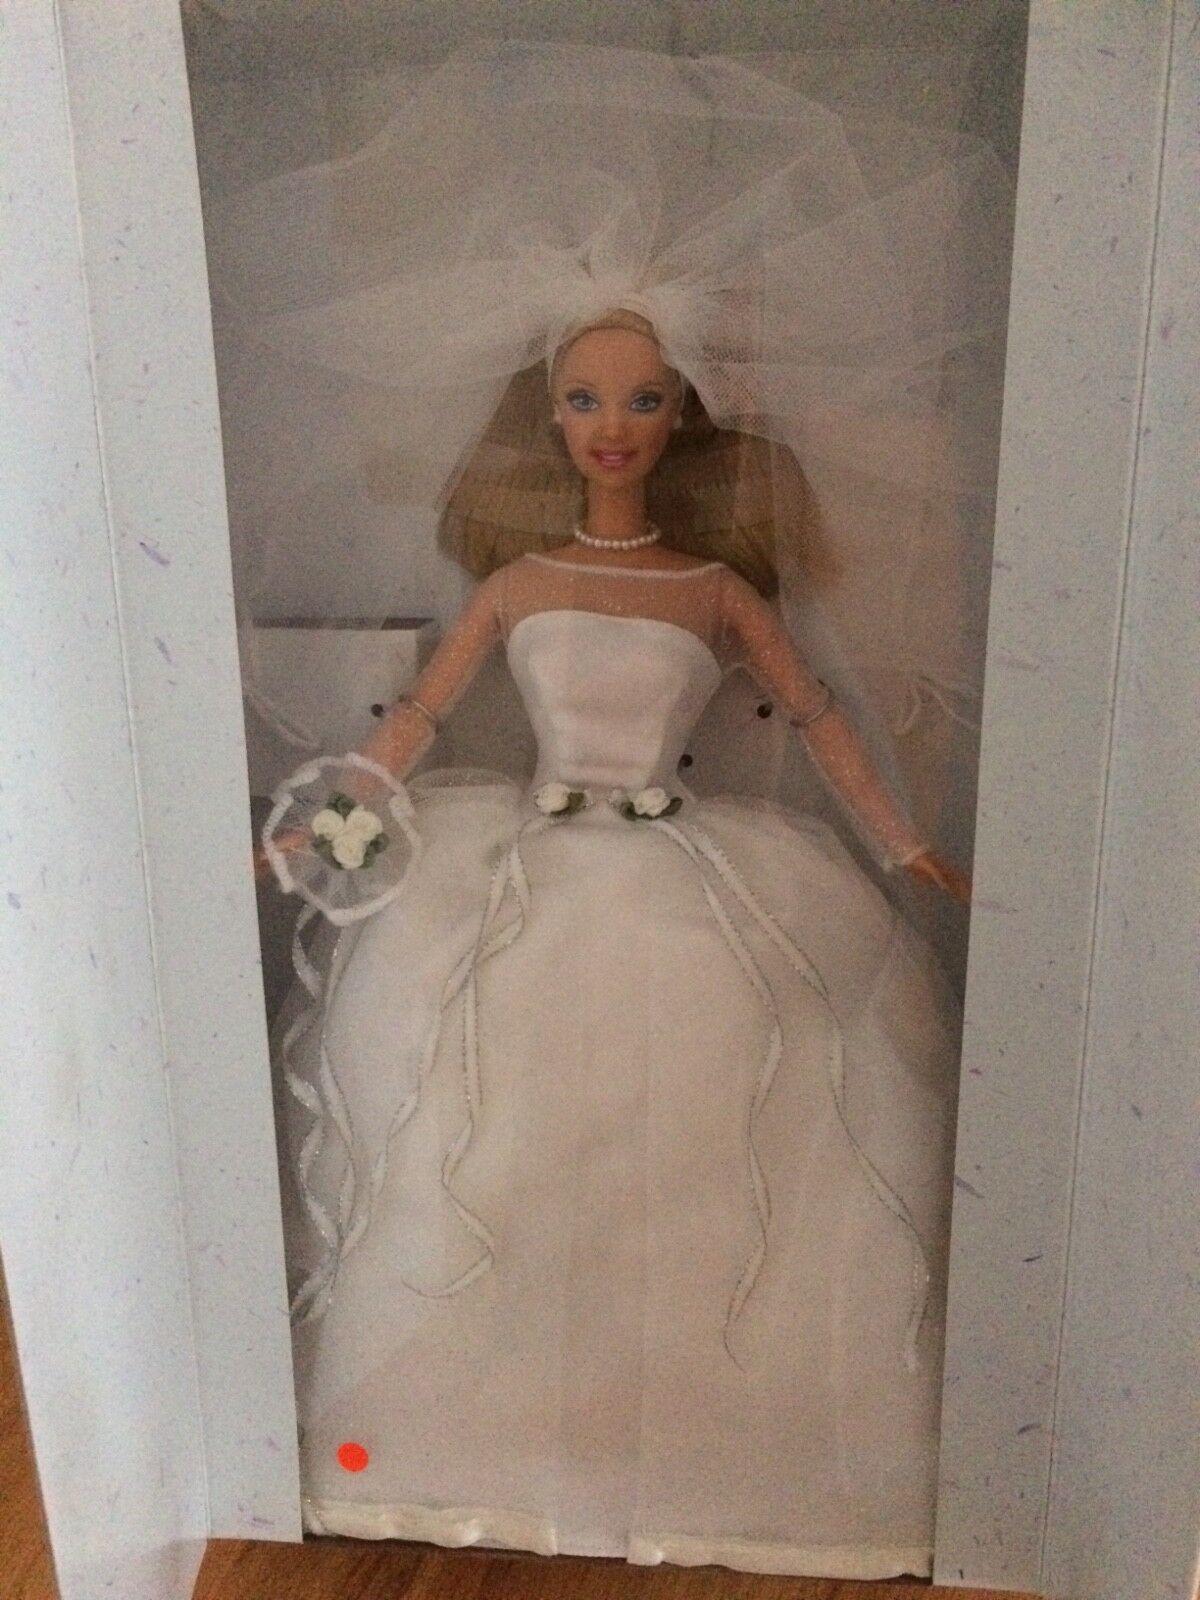 MATTEL 26074 BARBIE COLLECTOR edizione Blushing Bride 1999 NUOVO  & OVP     grandi prezzi scontati